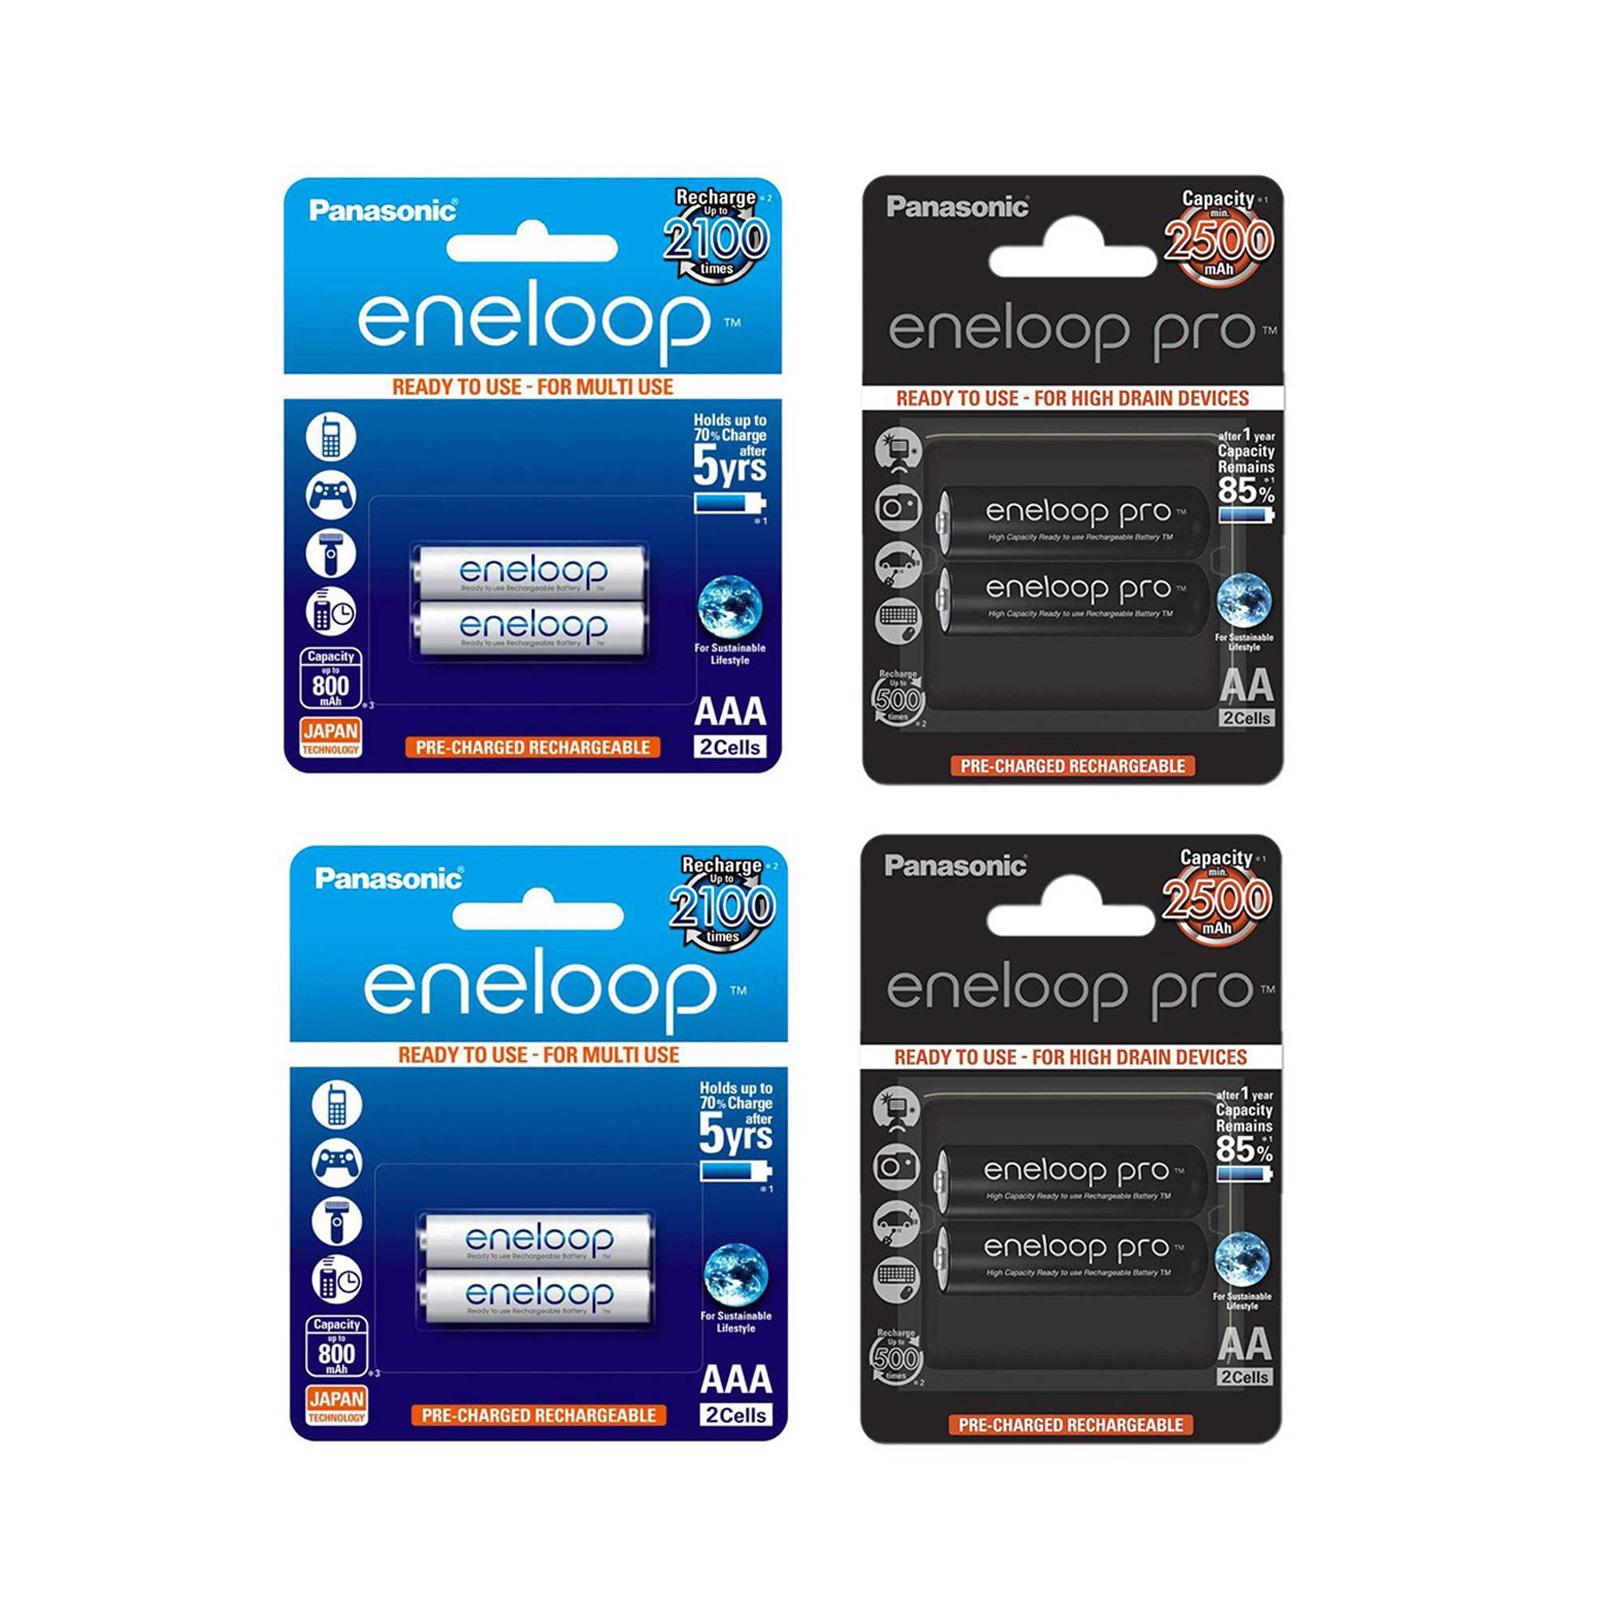 بررسی و {خرید با تخفیف} باتری قلمی و نیم قلمی قابل شارژ پاناسونیک مدل eneloop بسته 8 عددی اصل